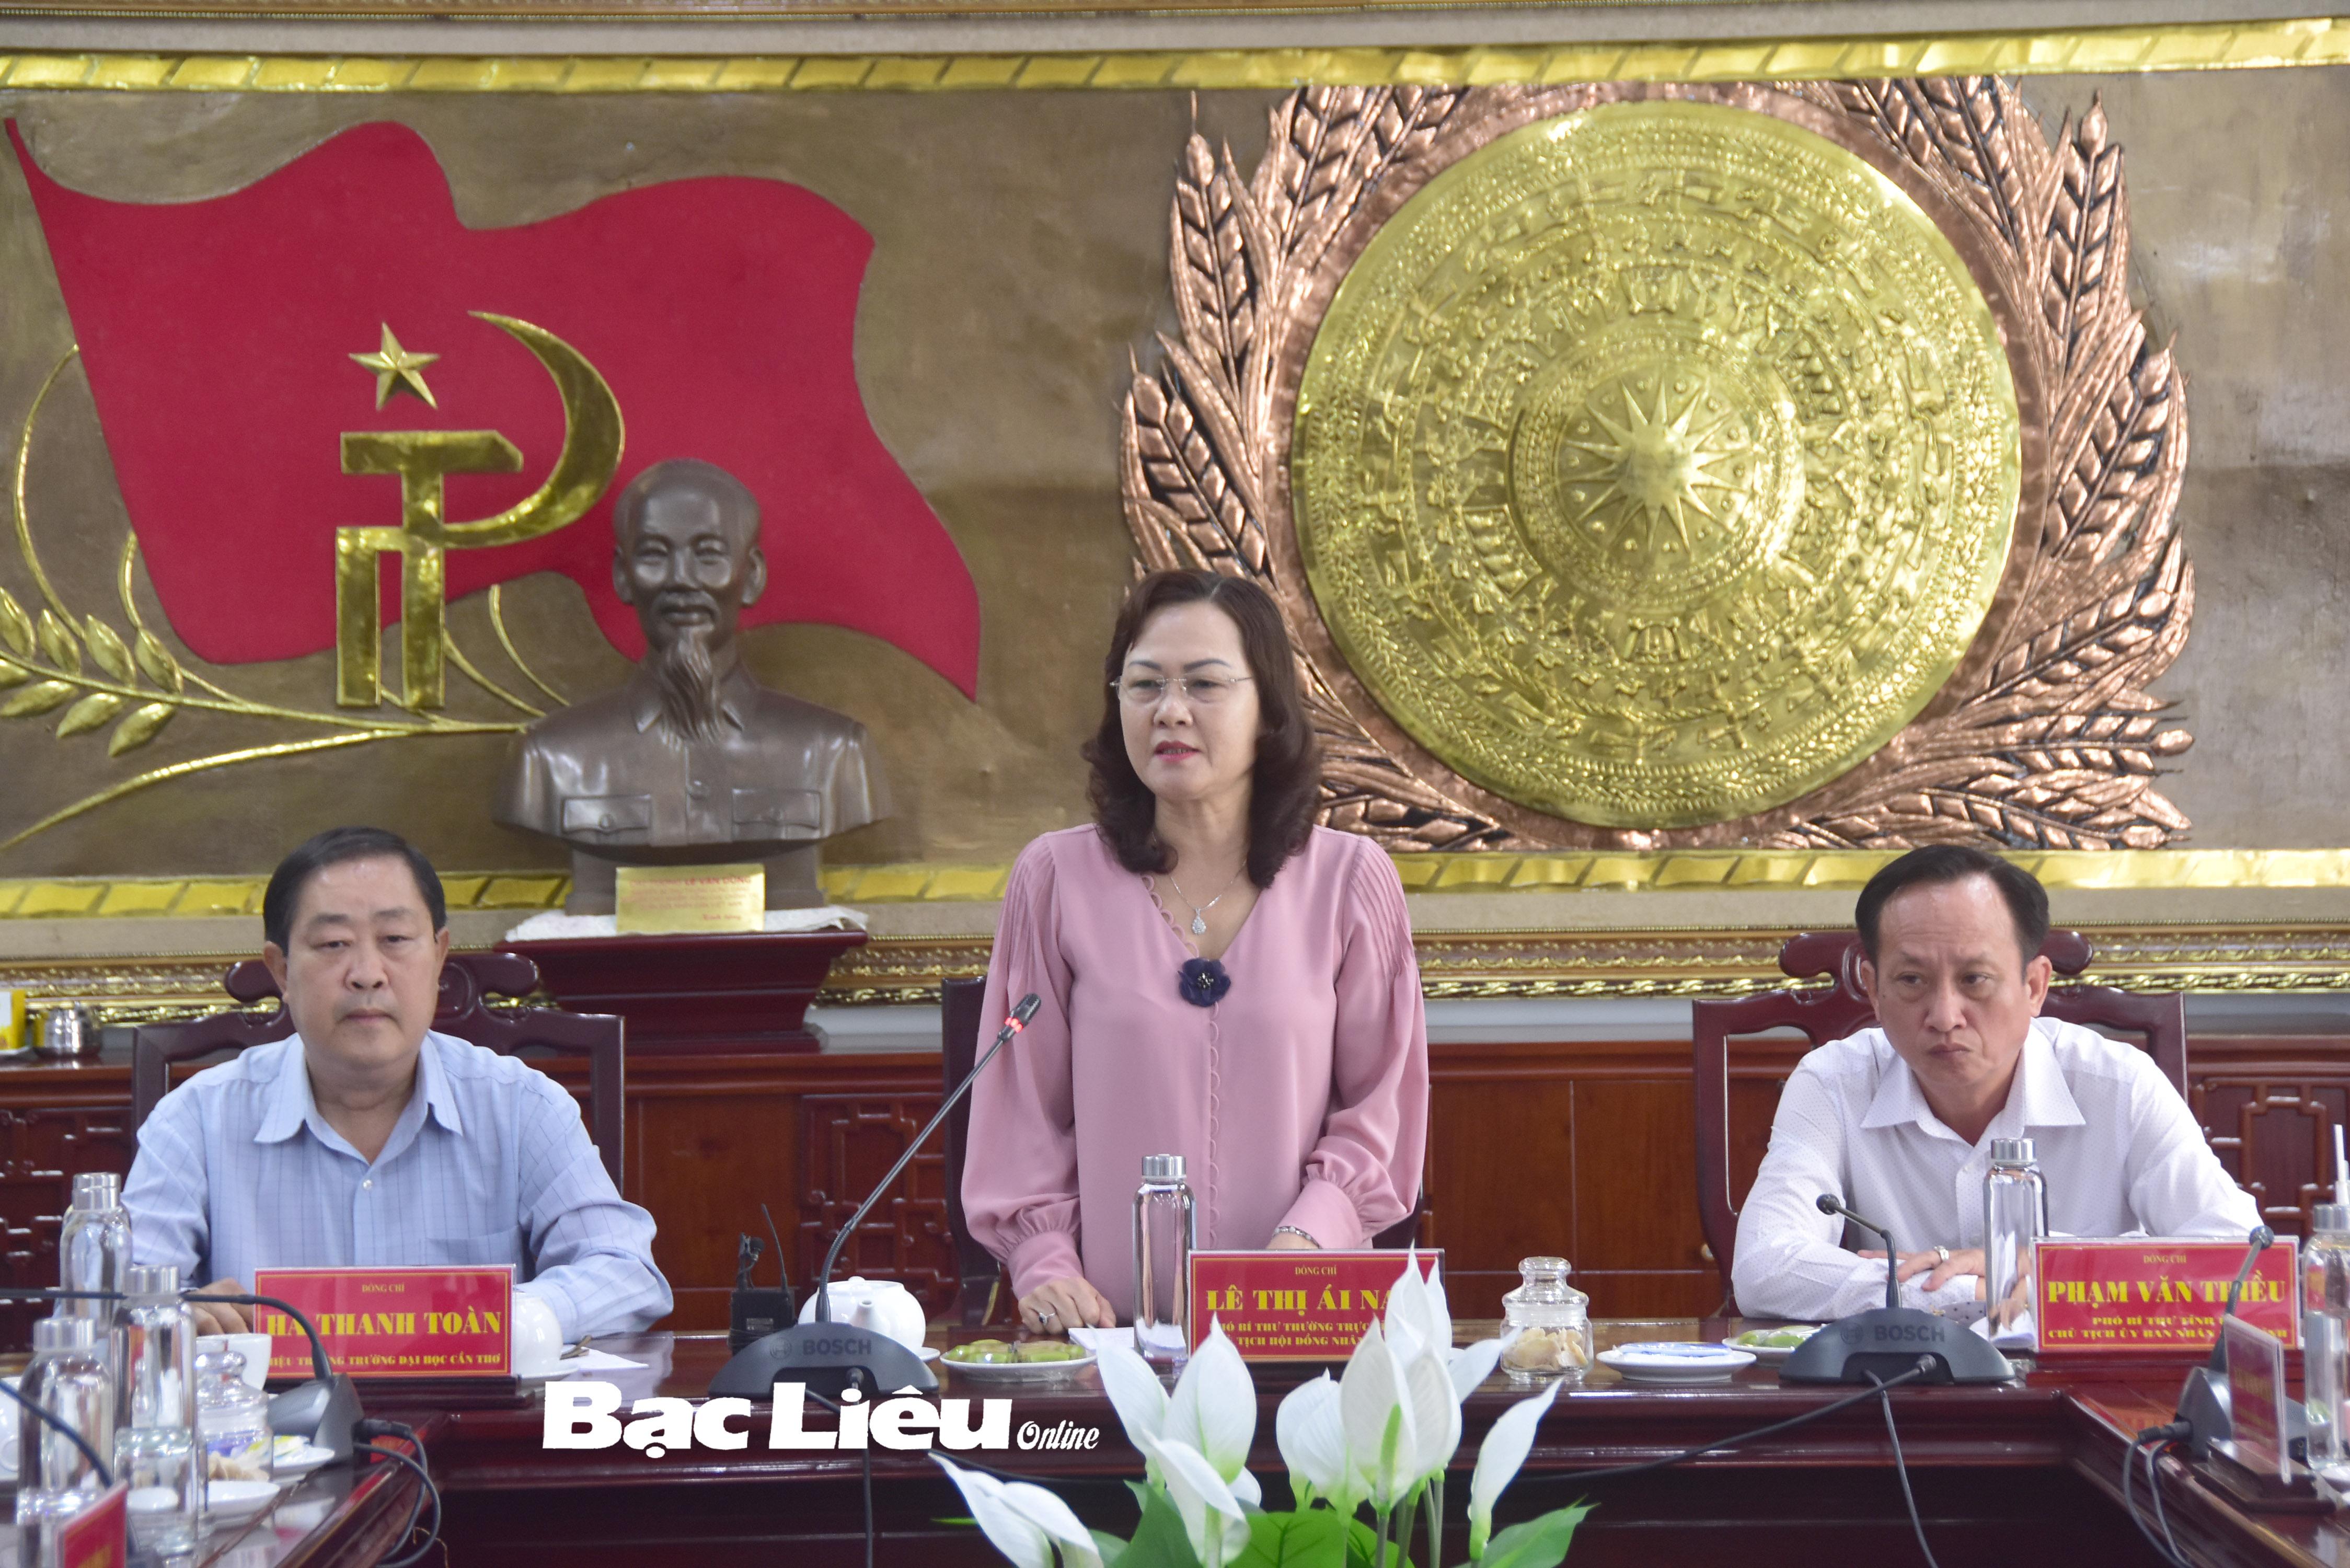 Phó Bí thư Thường trực Tỉnh ủy - Lê Thị Ái Nam: Tỉnh Bạc Liêu và Đại học Cần Thơ sẽ ký kết hợp tác trong thời gian tới